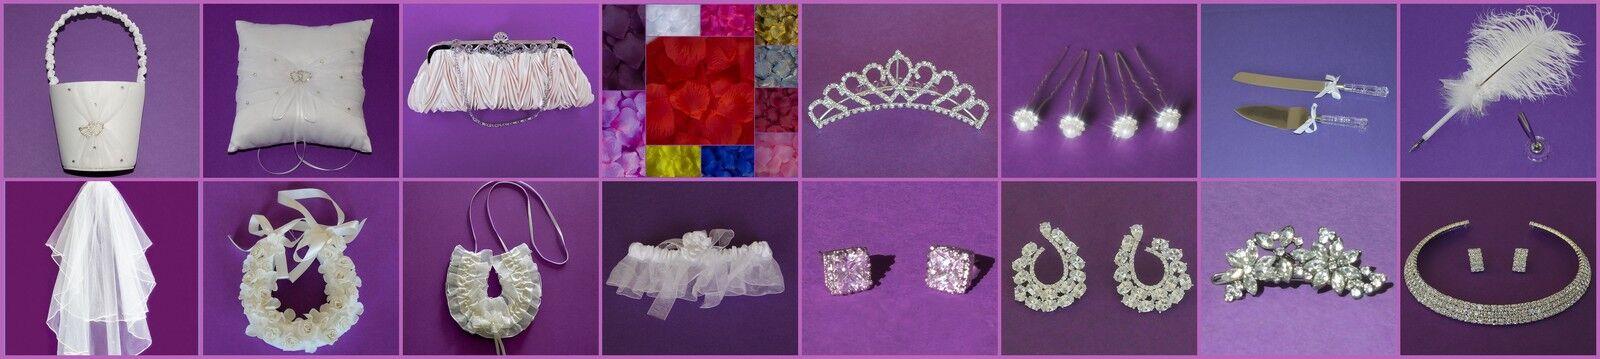 Bella Wedding Accessories